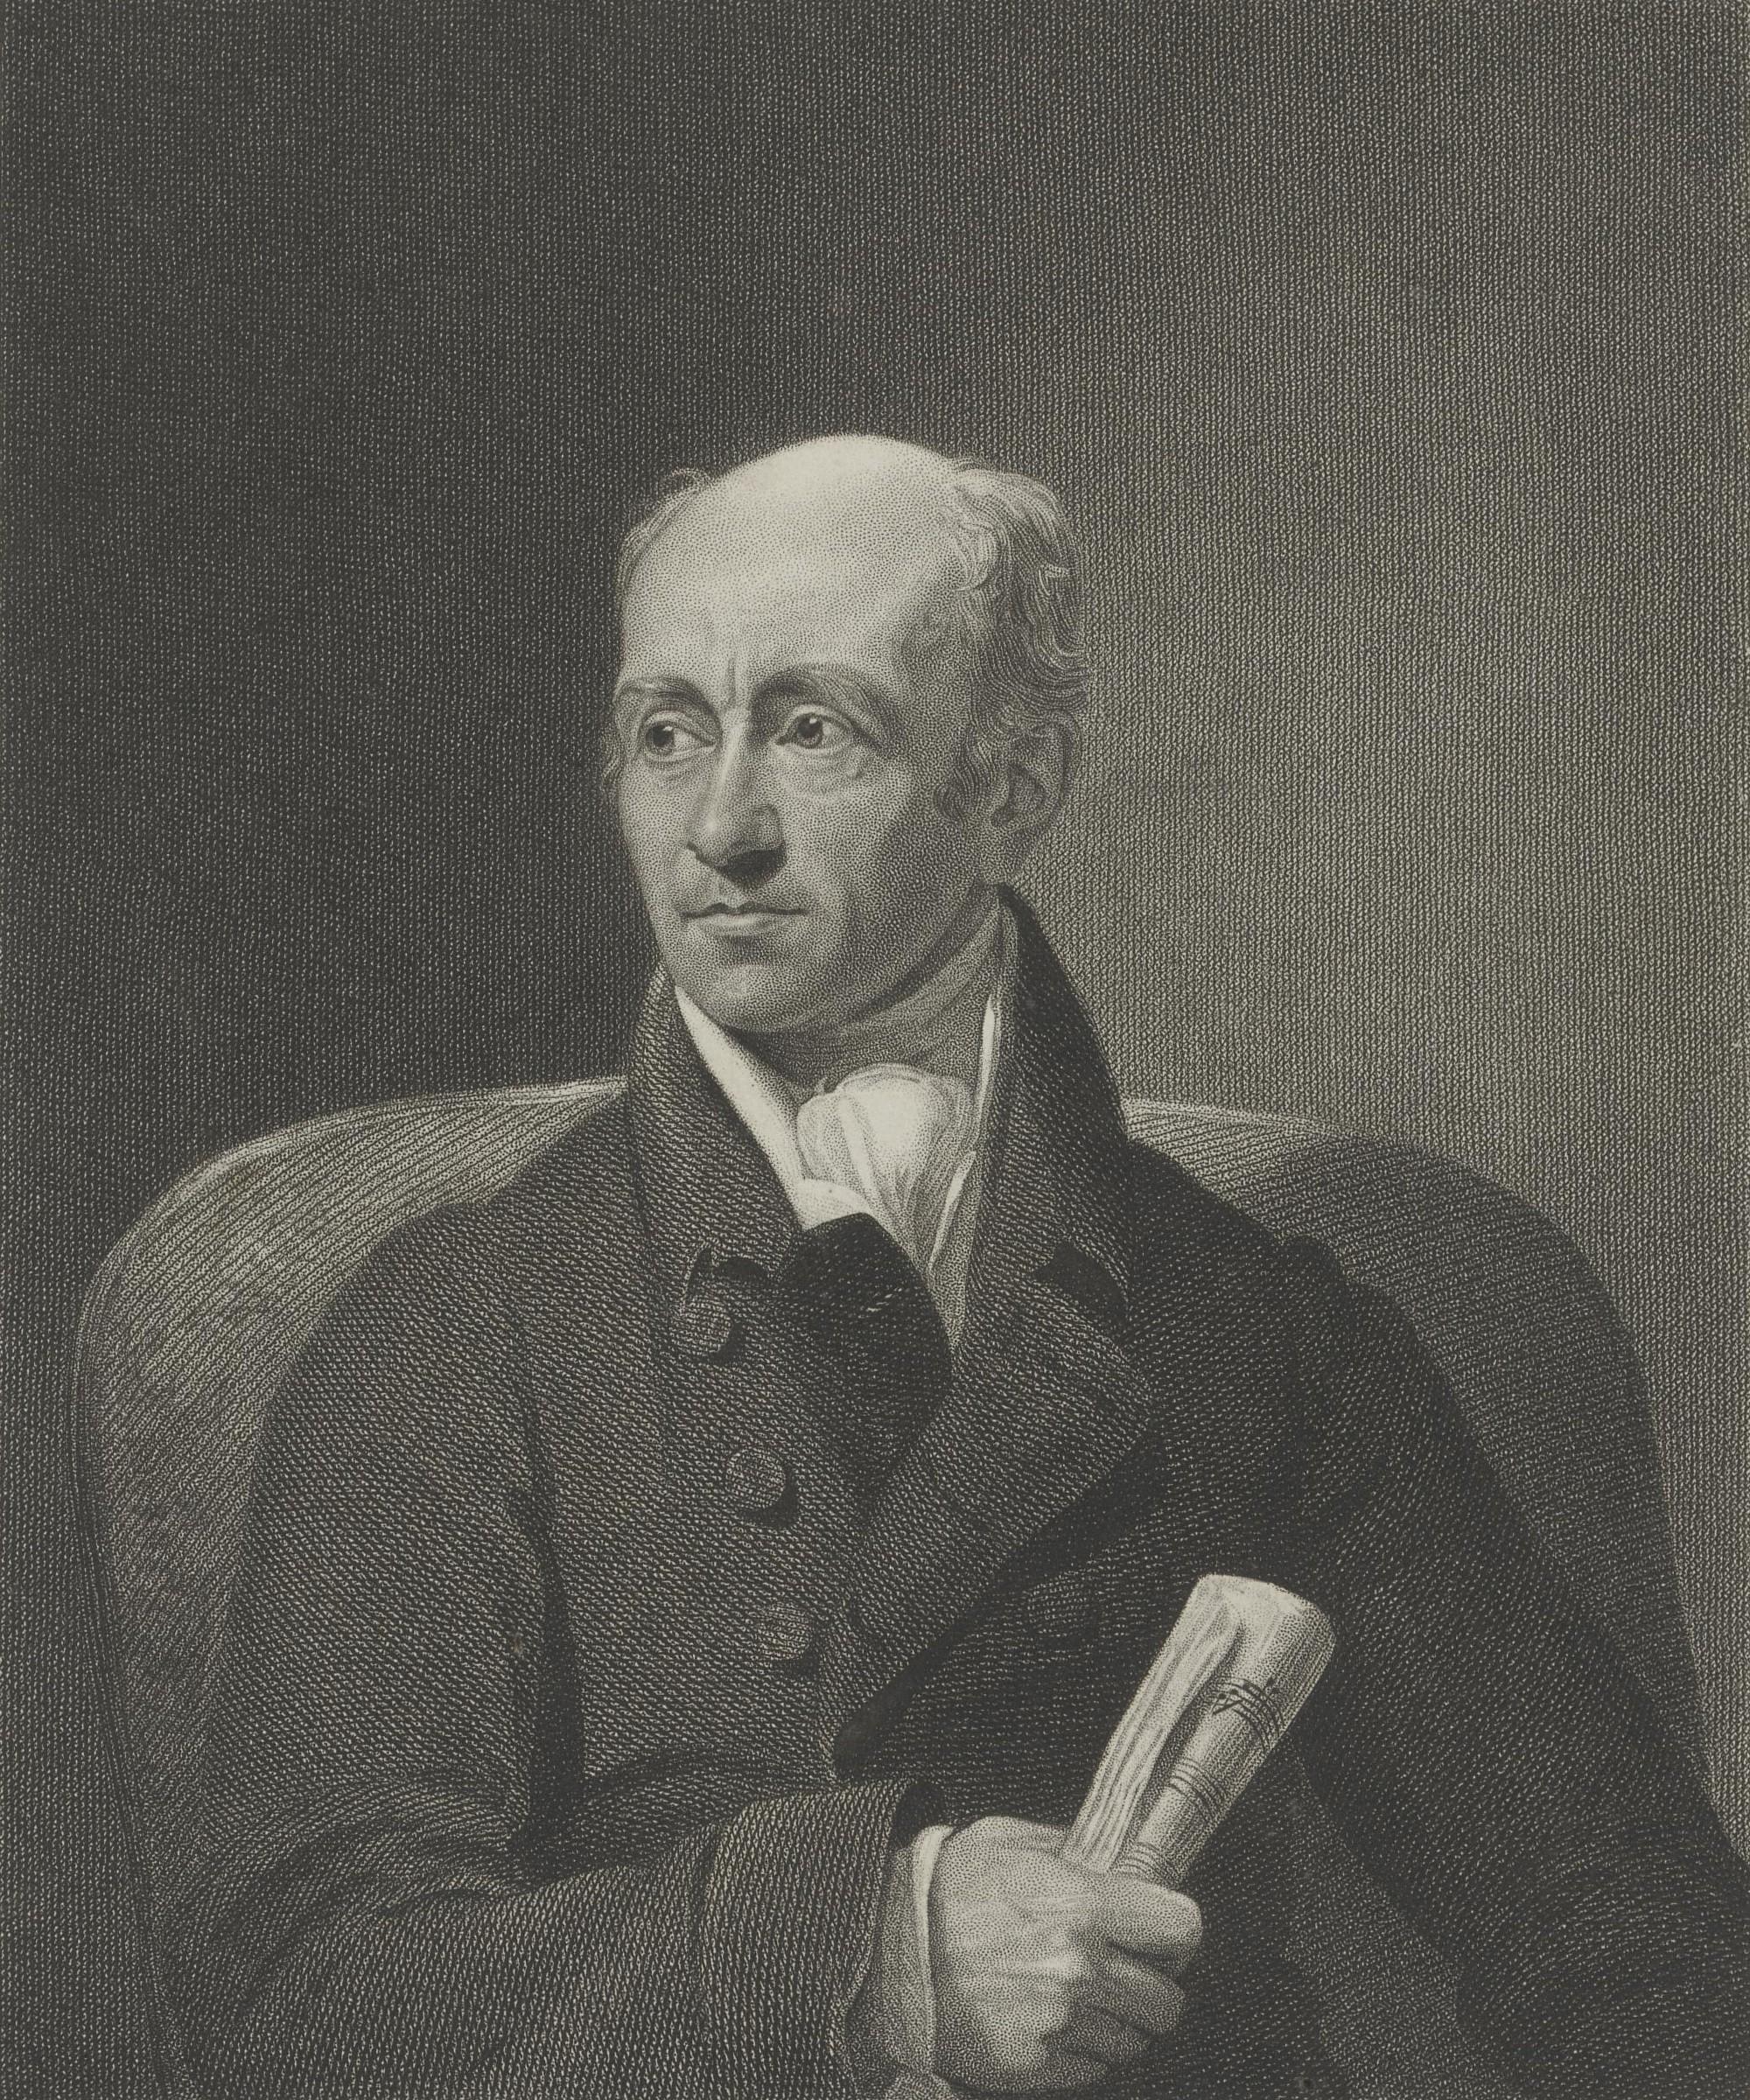 Muzio Clementi (1752 - 1832) ---------------- Sonata Op. 13 n. 6